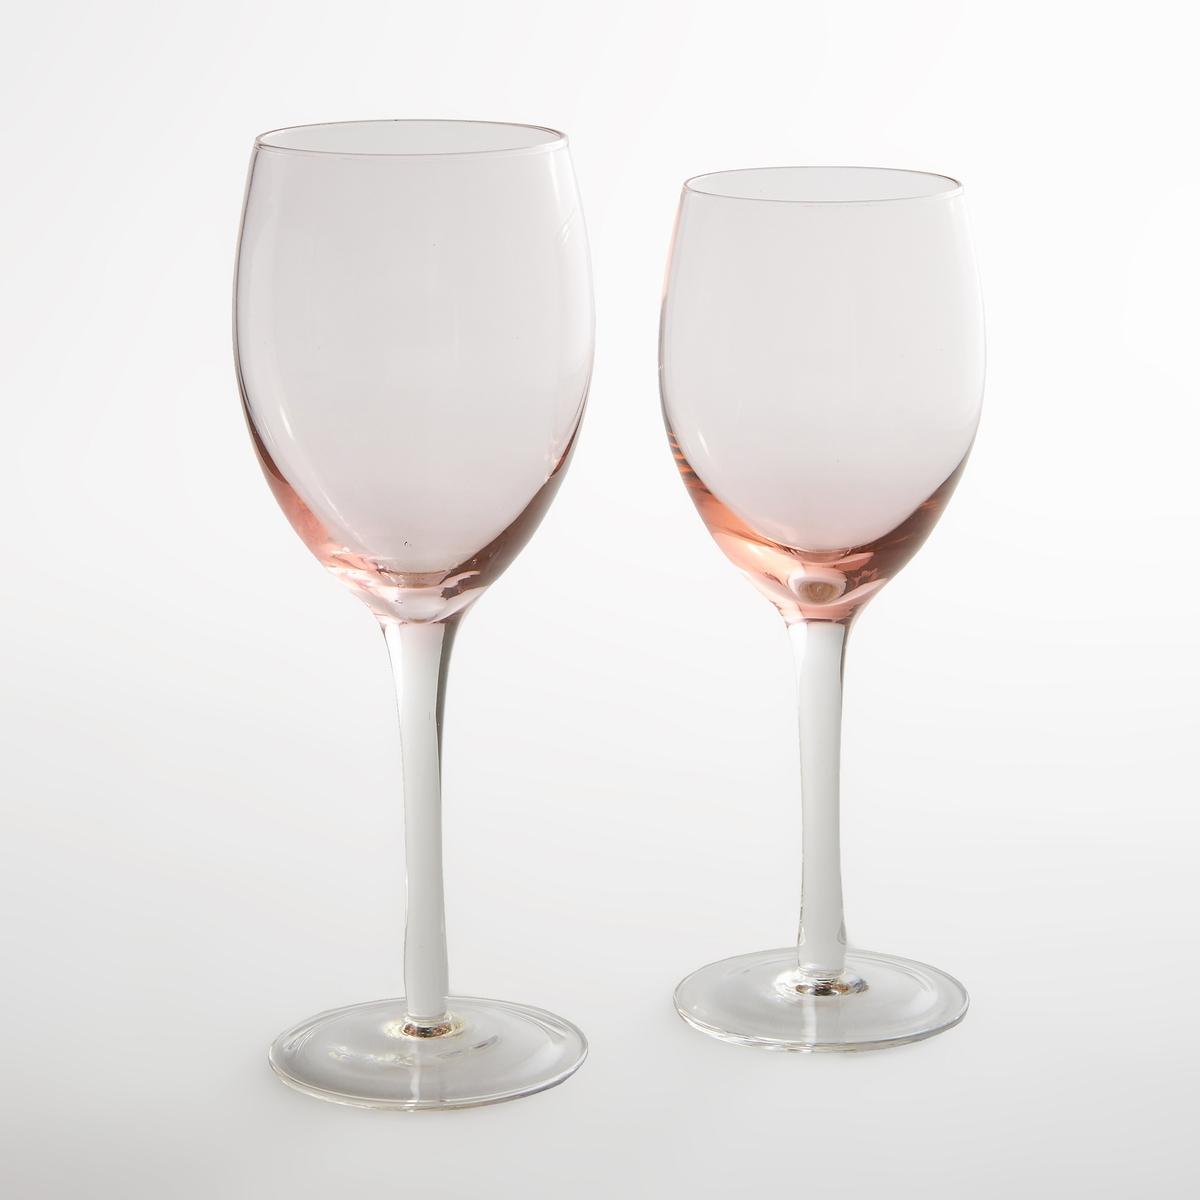 4 бокала для винаКомплект из 4 прозрачных бокалов для вина La redoute Int?rieurs. Темно-розовый эффект внизу в современном дизайне .Характеристики 4 бокалов :- Бокалы для вина из прозрачного стекла с розовым затемнением снизу  Подходят для использования в посудомоечной машинеПродаются комплектом из 4 шт Размеры :Диаметр : 6,6 смВысота : 20 см<br><br>Цвет: дымчато-розовый